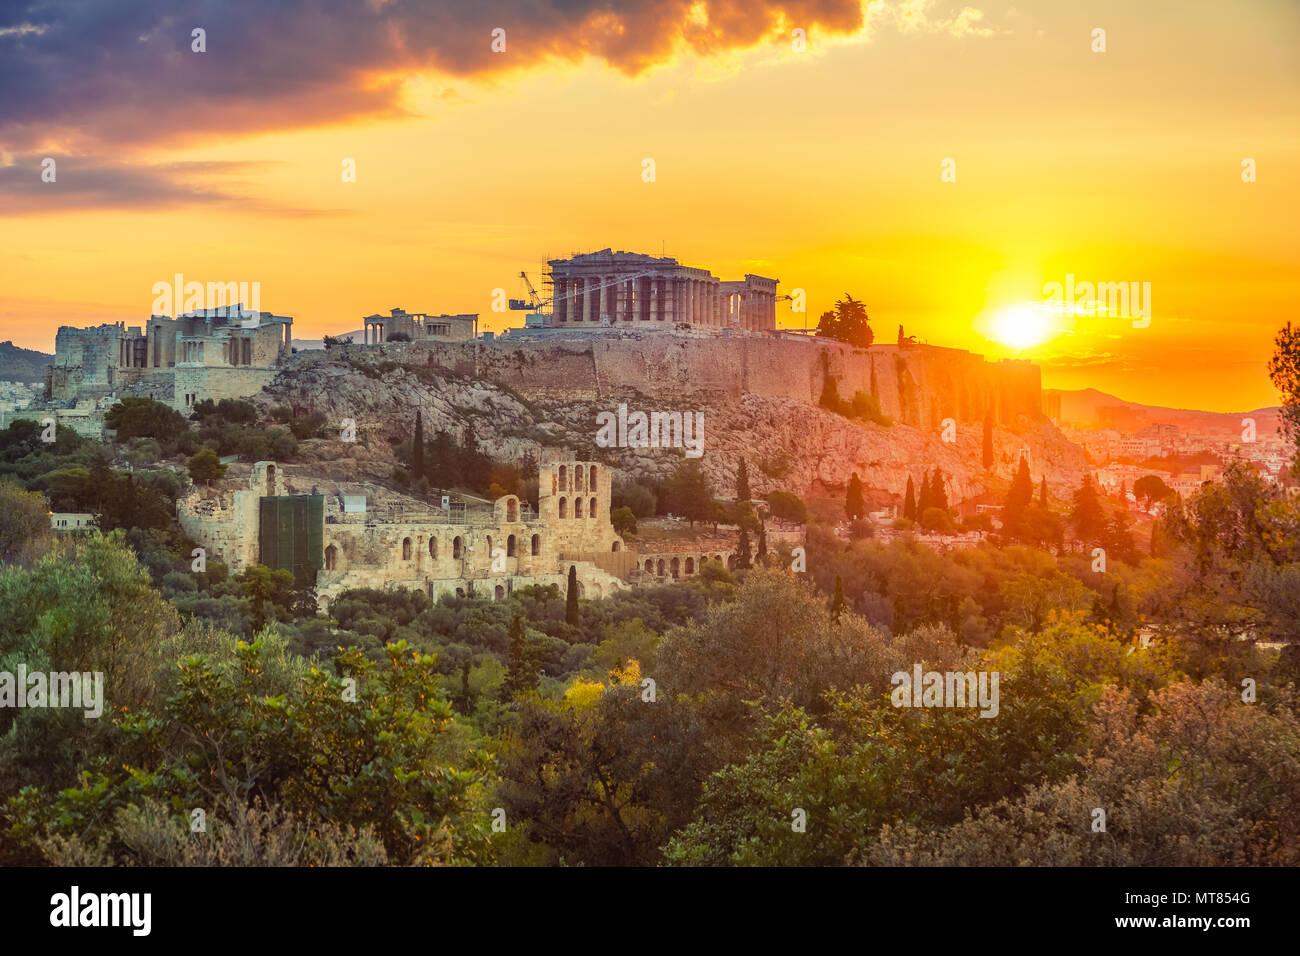 Amanecer sobre el Partenón, la Acrópolis de Atenas, Grecia Imagen De Stock